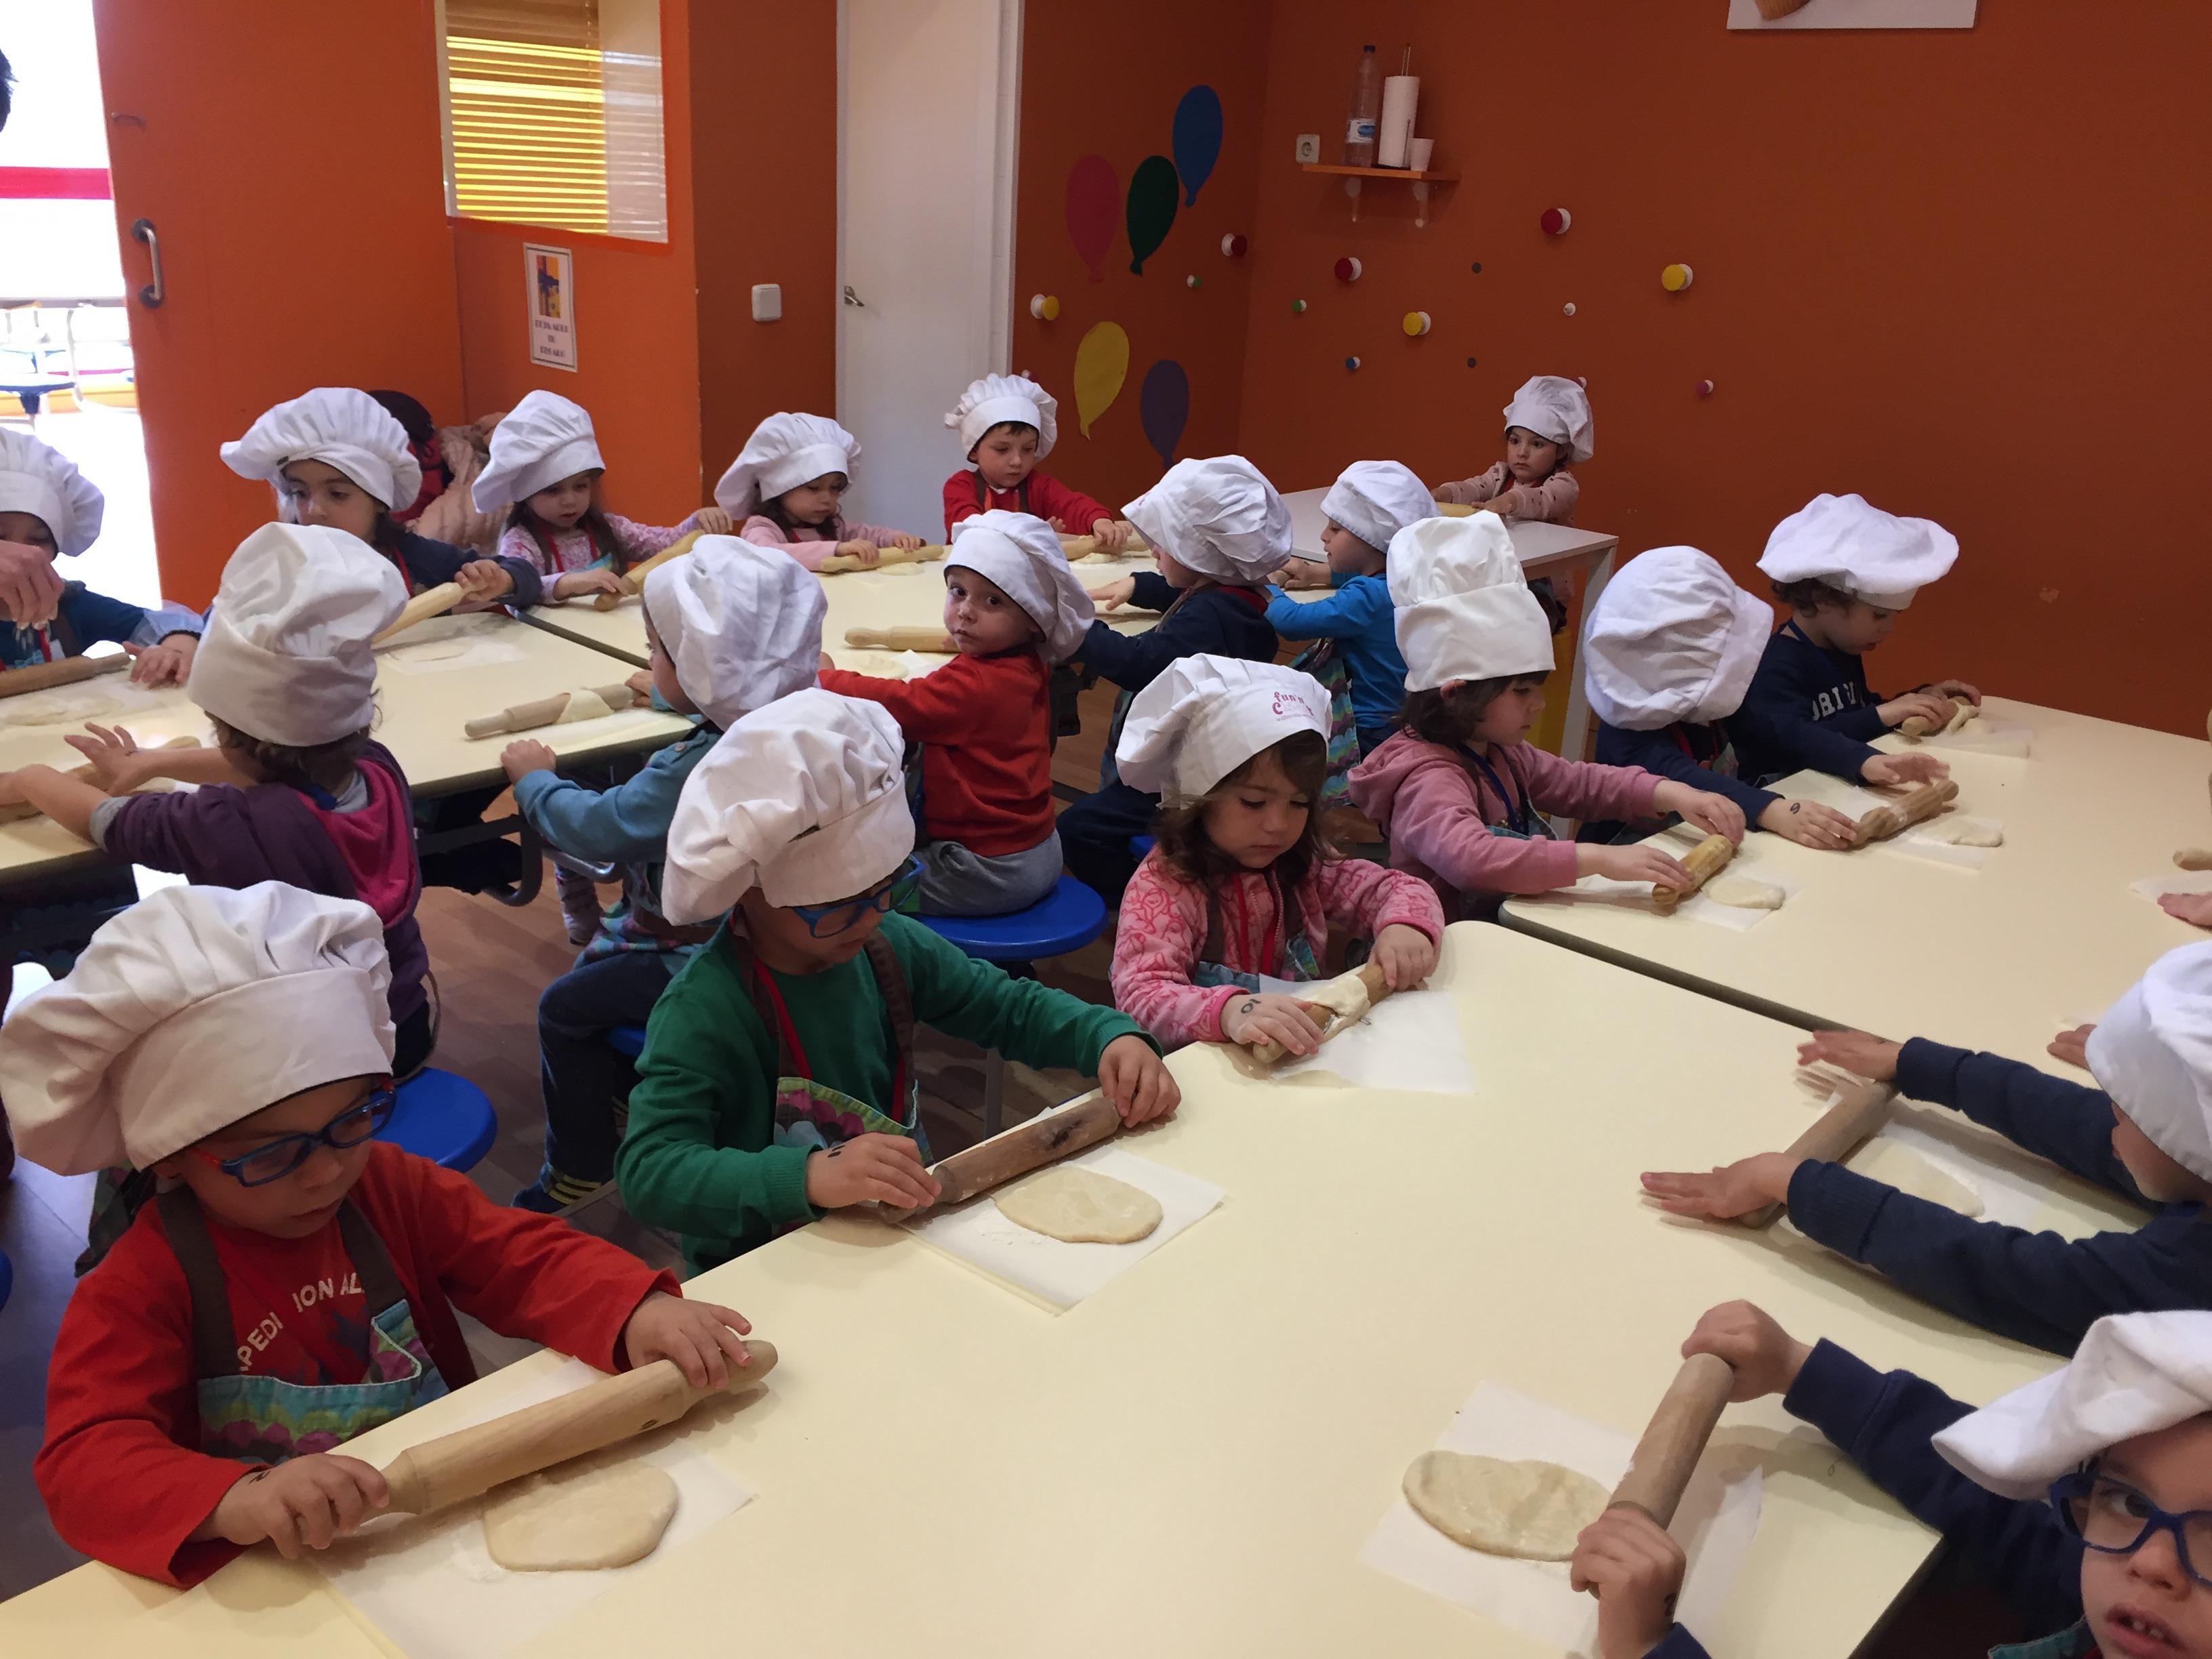 Excursión Escuela de cocina